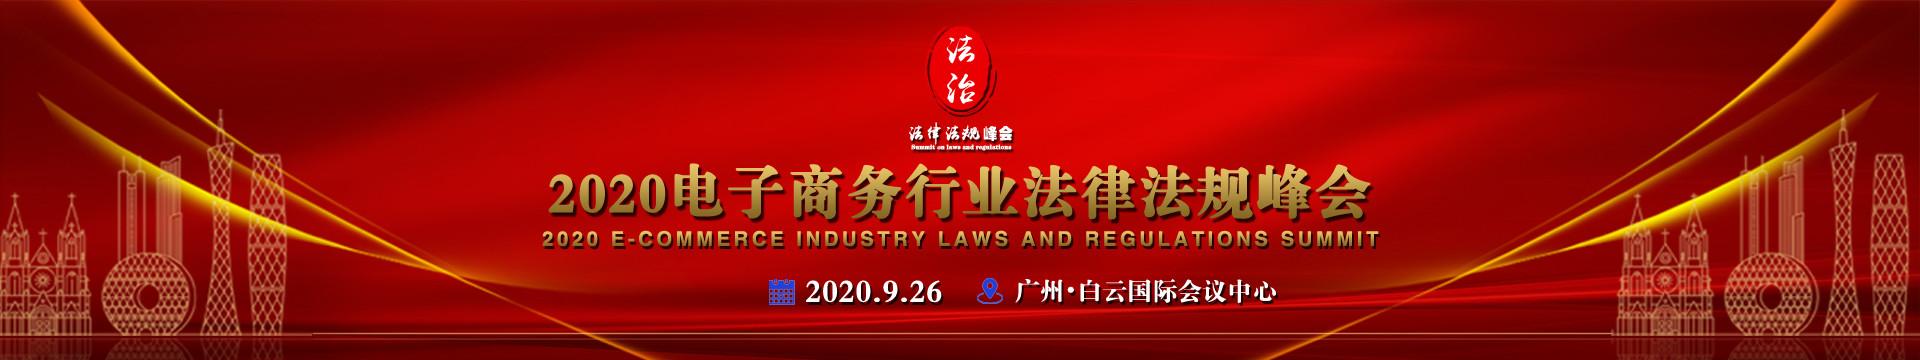 【倒计时6天】2020电子商务行业法律法规峰会